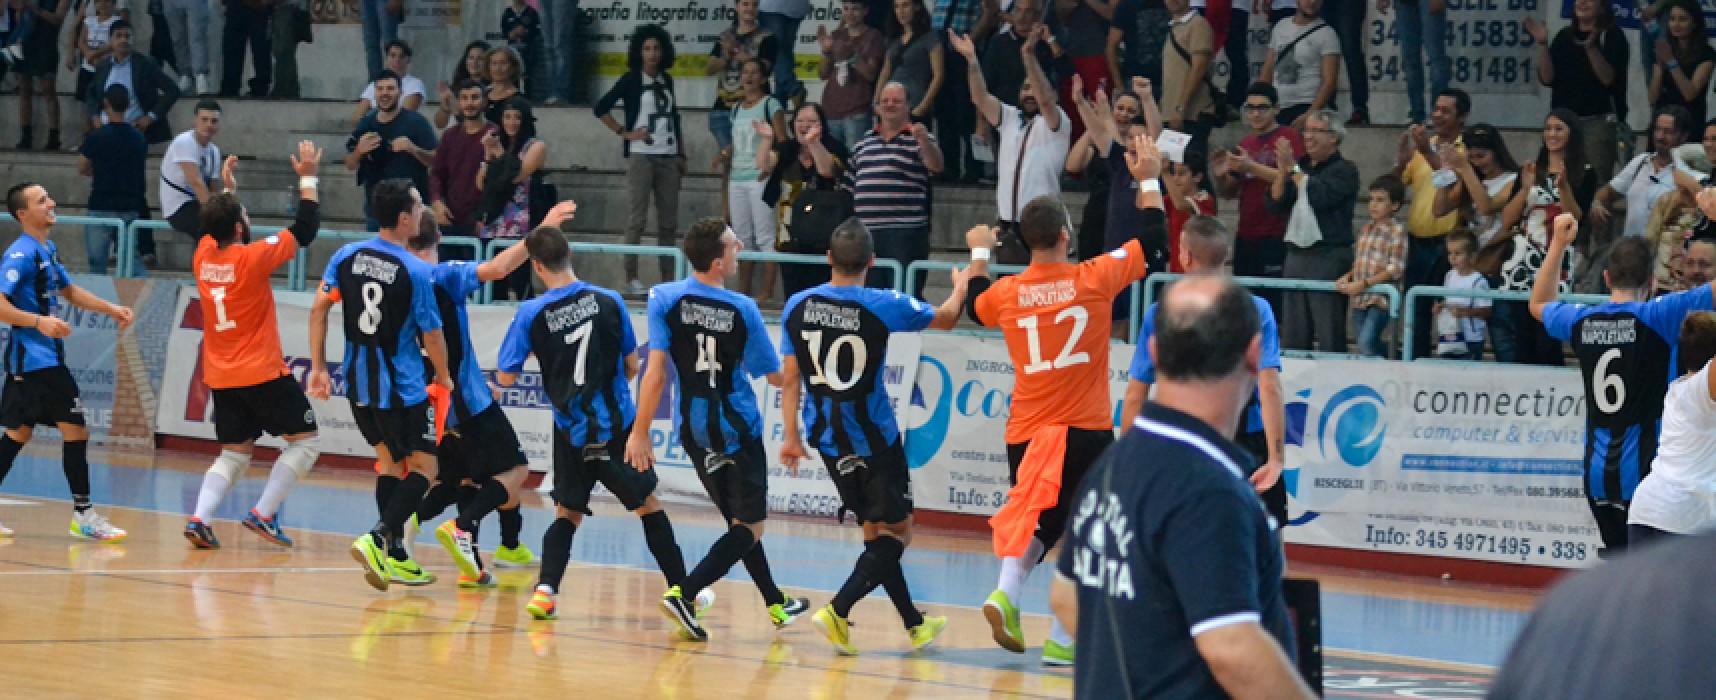 Il Futsal Bisceglie batte in rimonta il quotato Futsal Barletta e vola in testa alla classifica